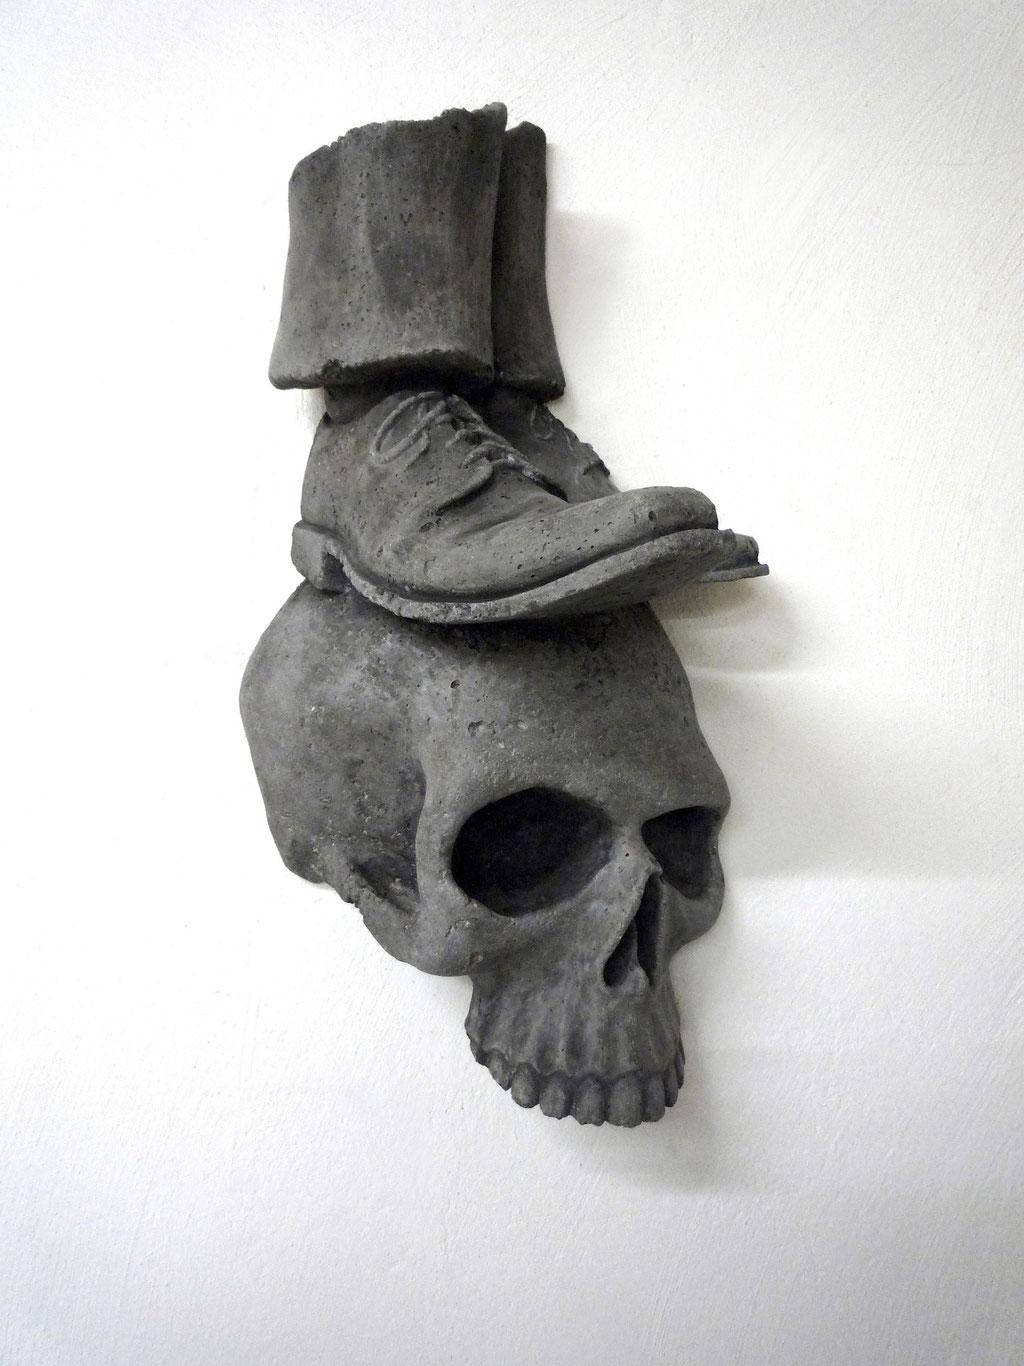 Mann auf Schädel, ca. 55x32x25cm, Beton, 2015